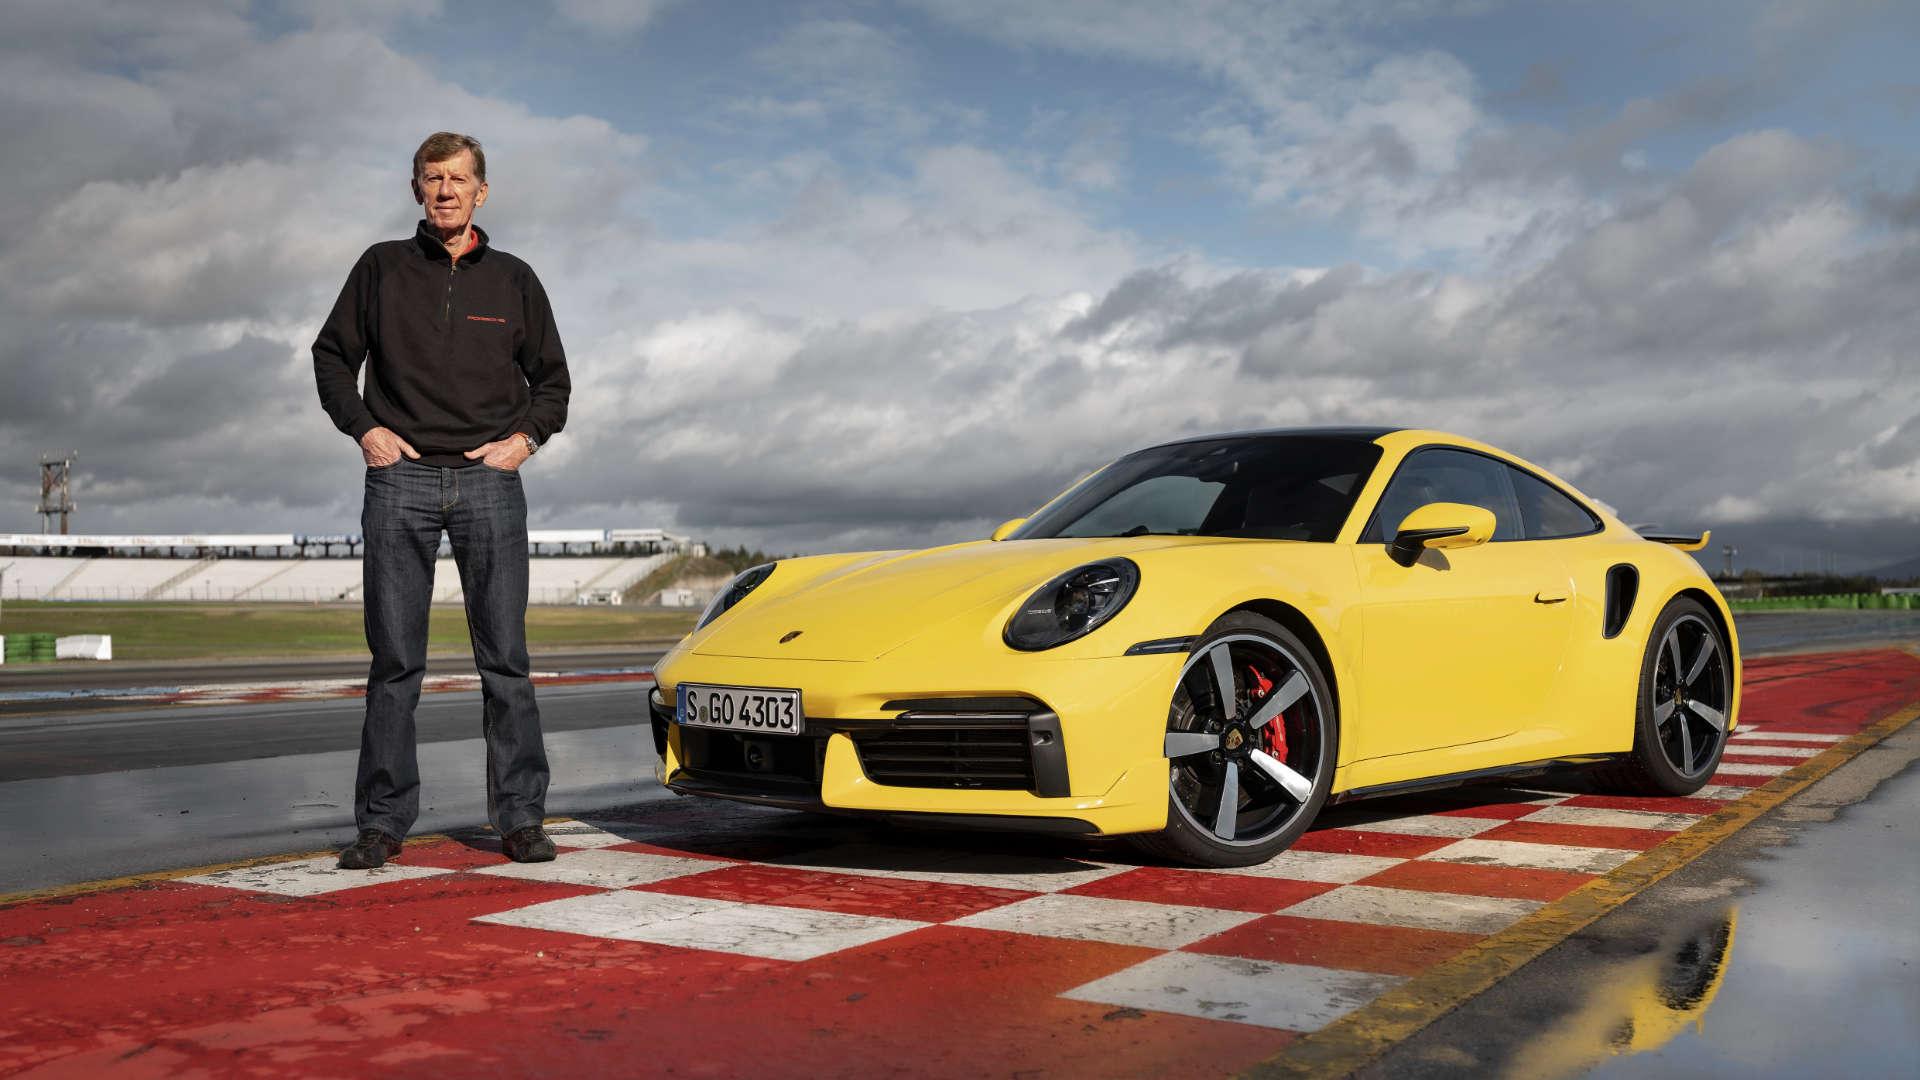 Walter Röhrl Porsche 911 Turbo 992